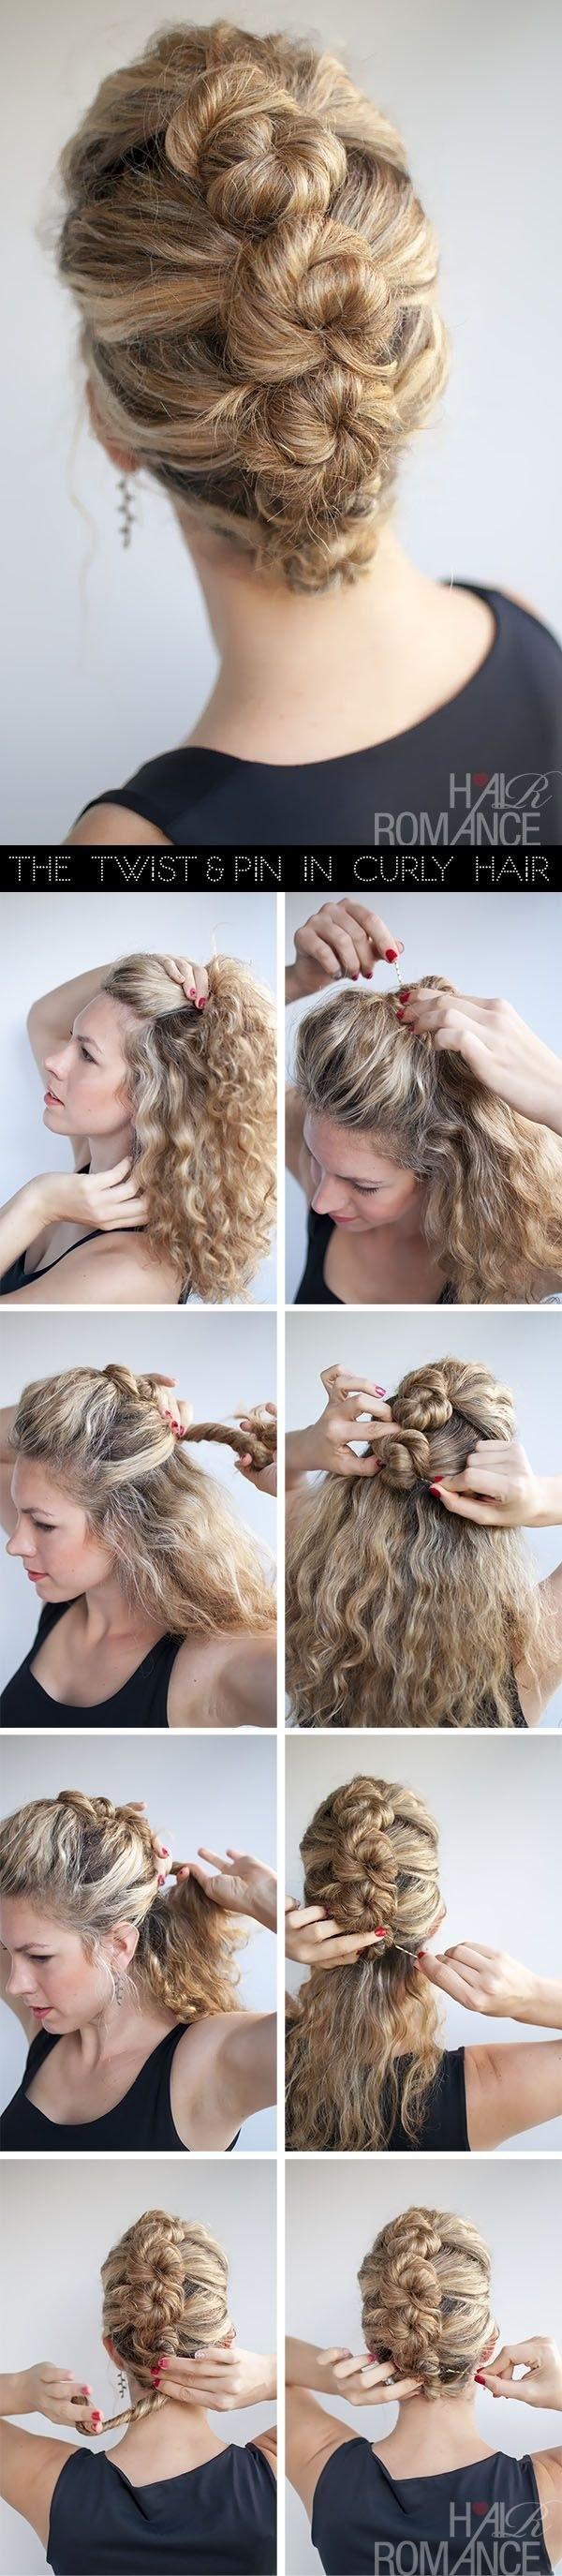 Coiffures-Pratiques-Sur-Cheveux-Bouclés-9